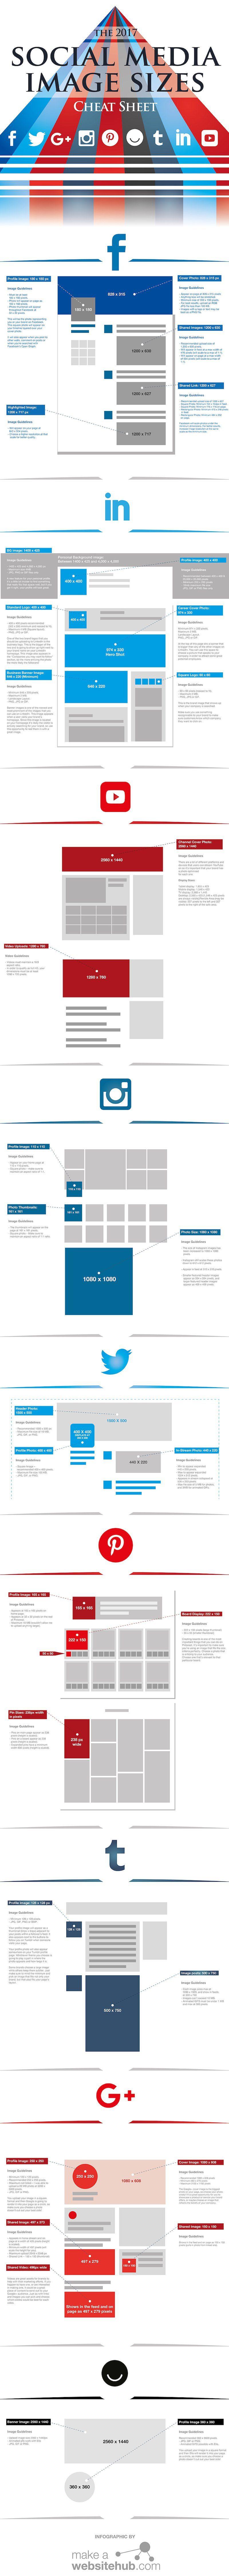 dimensions photos réseaux sociaux